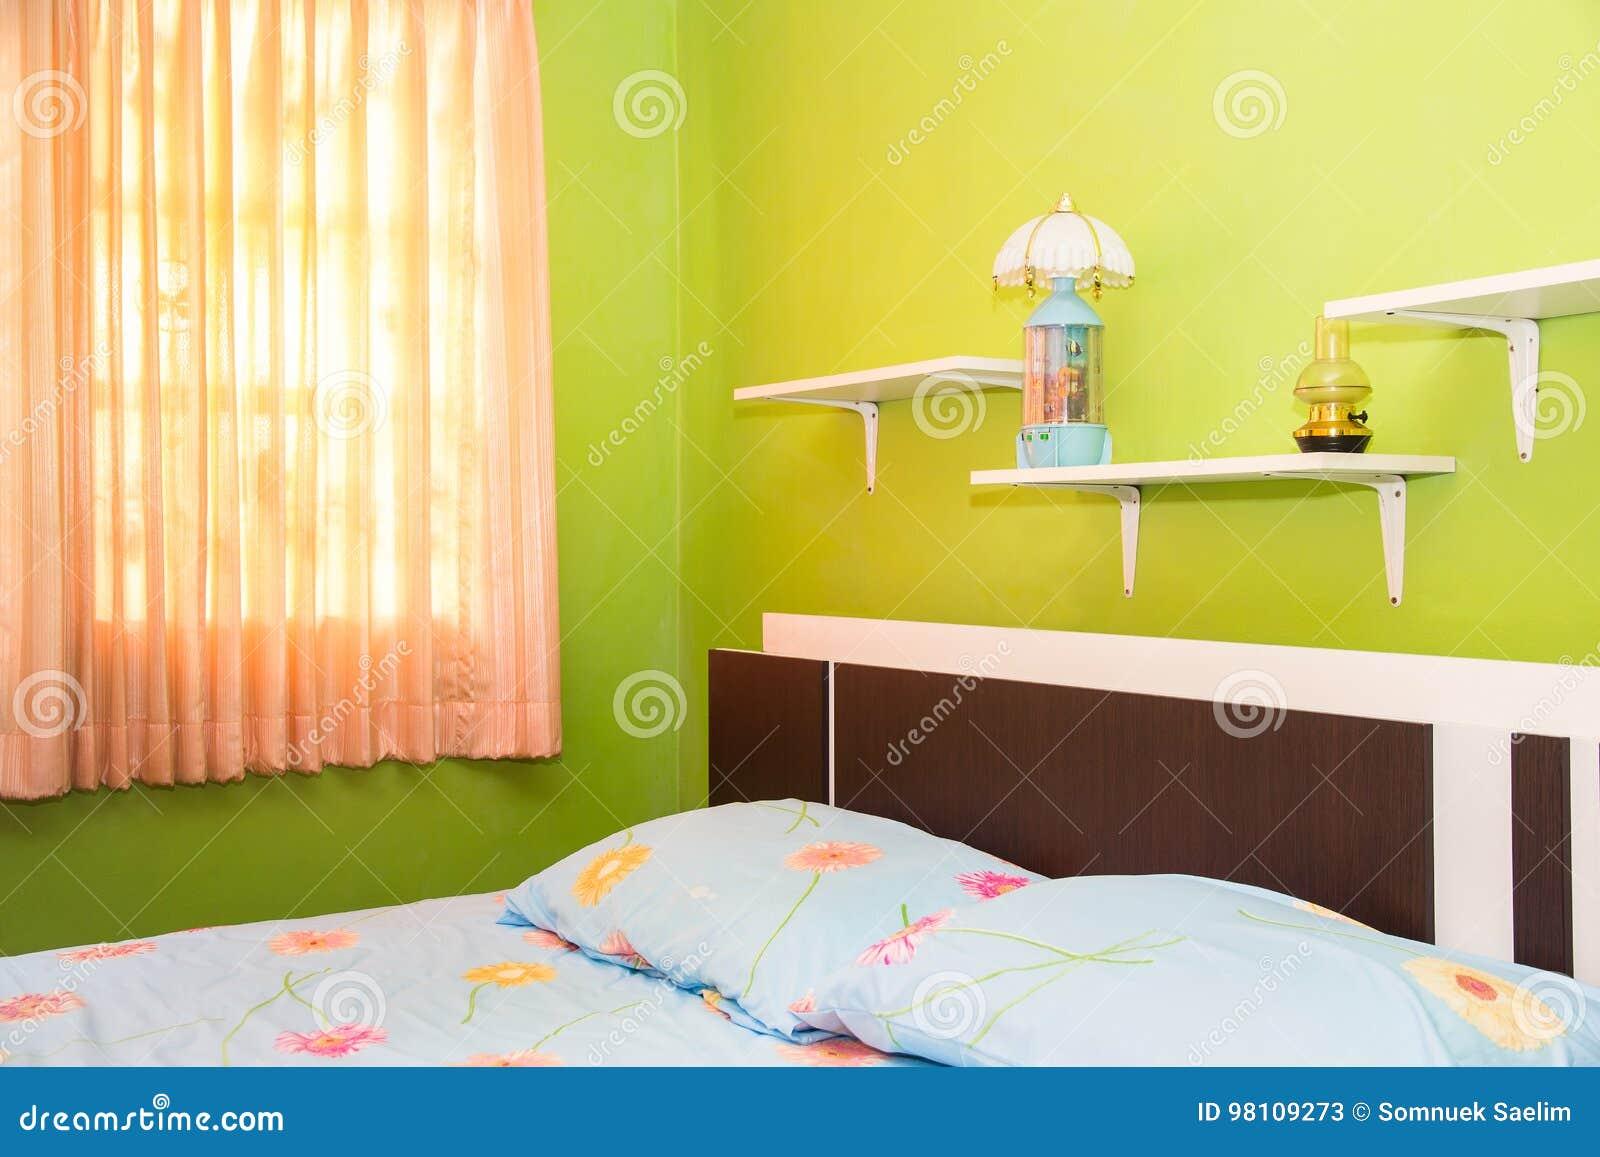 Grünes Schlafzimmer Und Rosa Vorhang Haben Lampen Und Bett ...